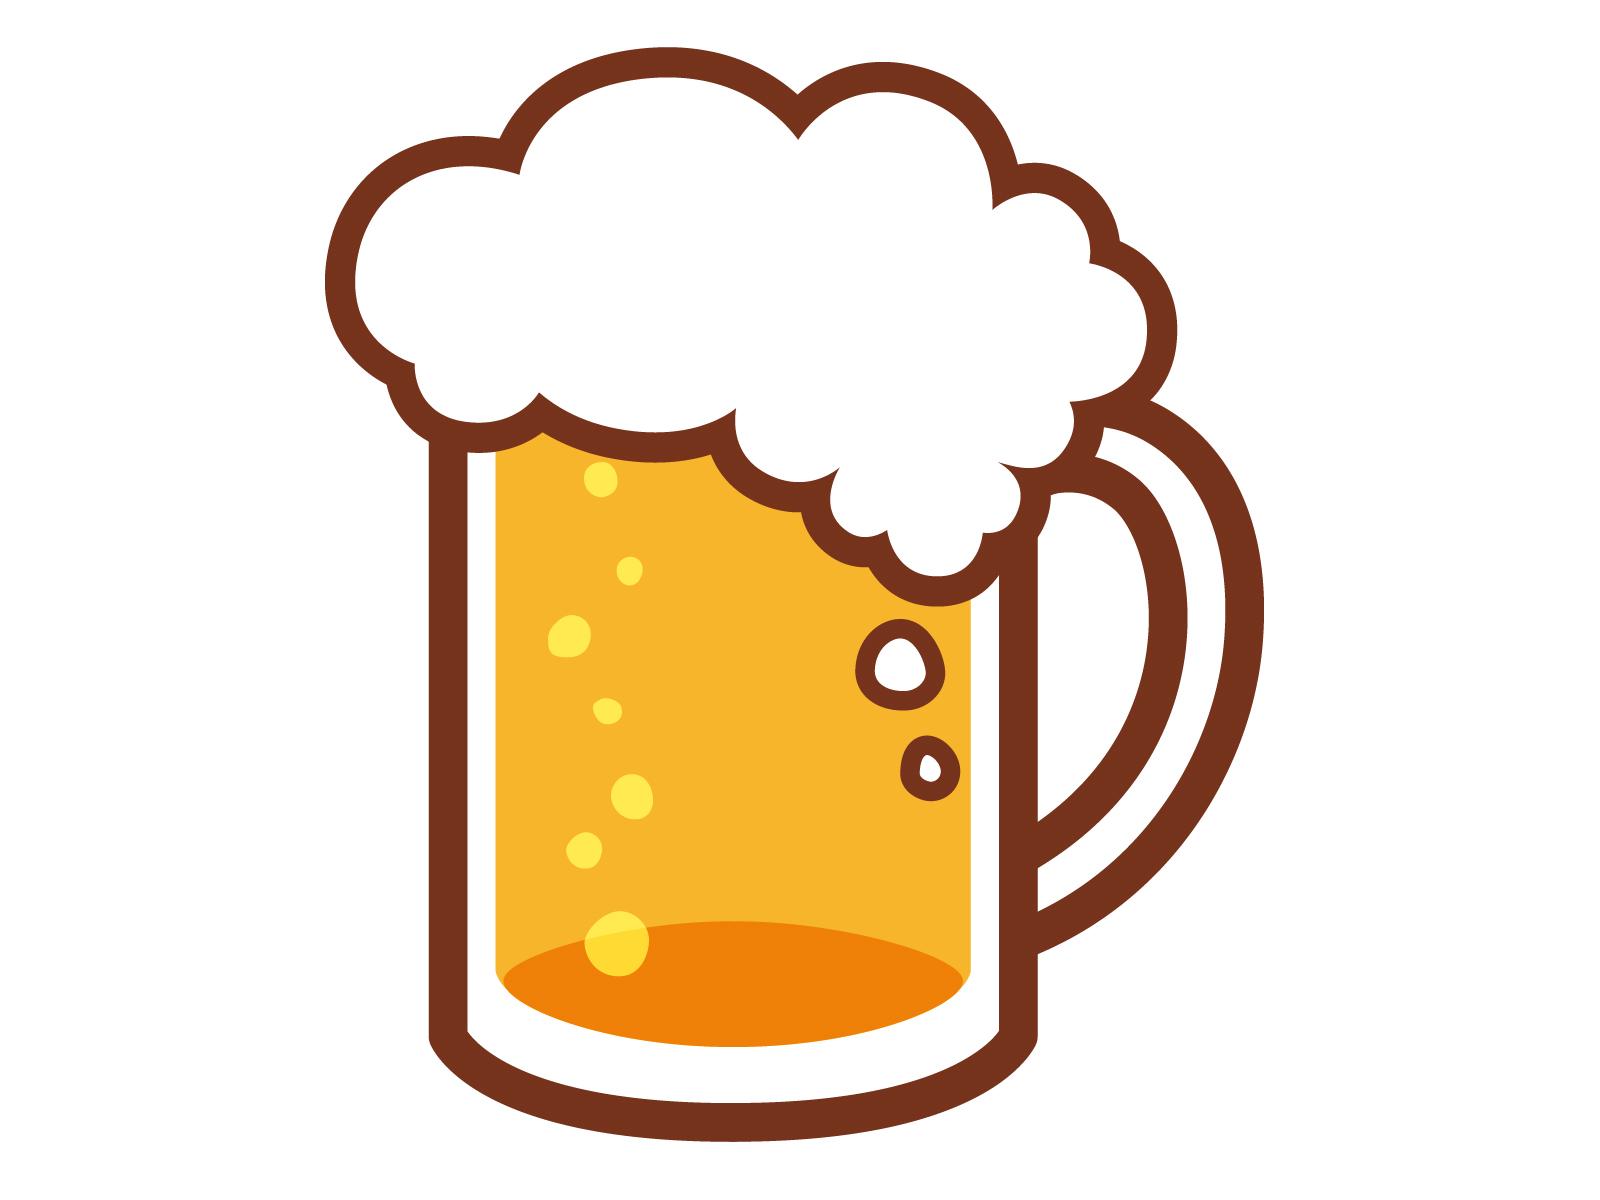 痛風の薬は肝臓に悪い?これではお酒も飲めないじゃないか